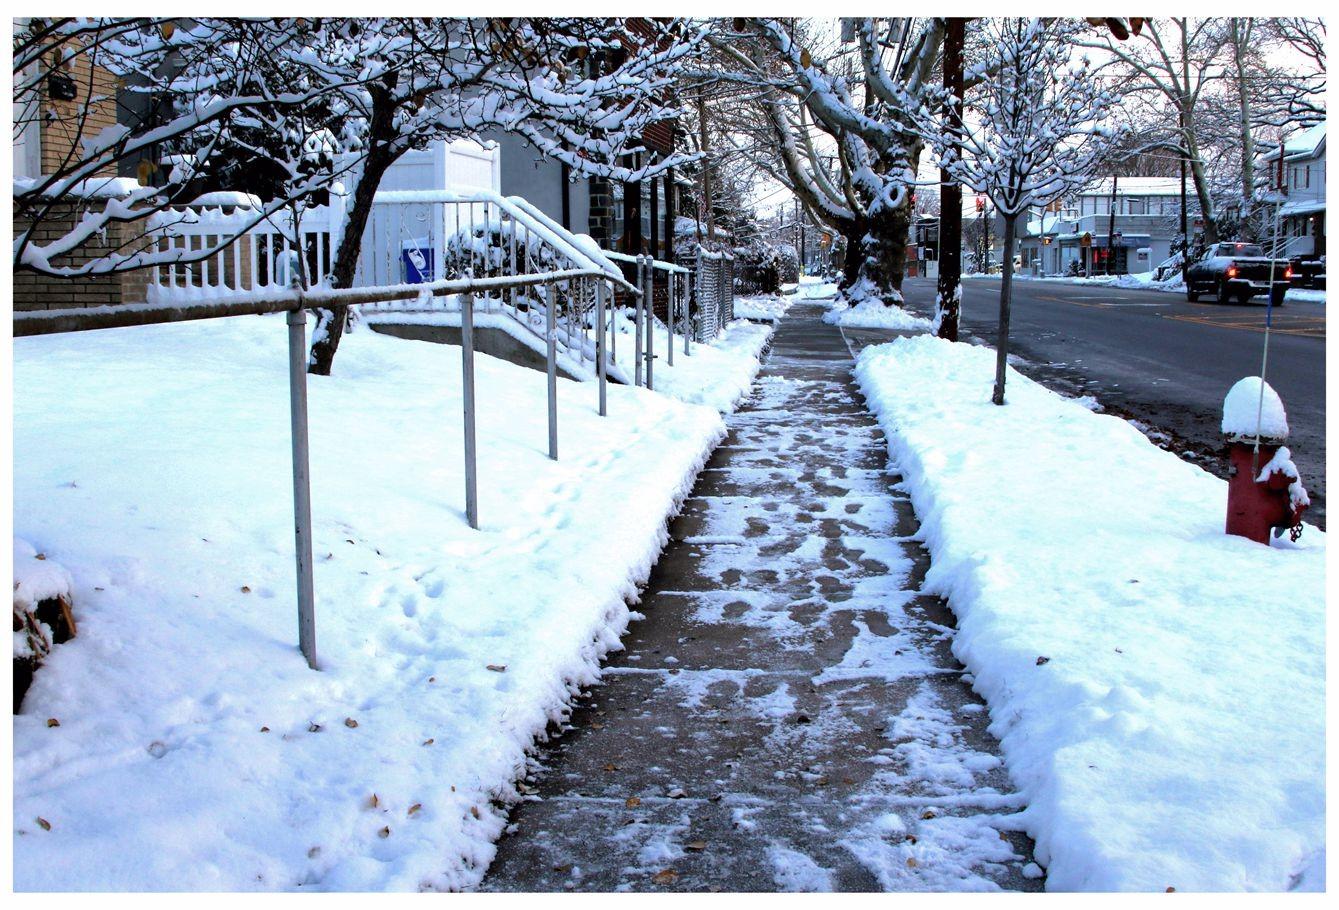 纽约地区入冬首雪景色迷人_图1-8